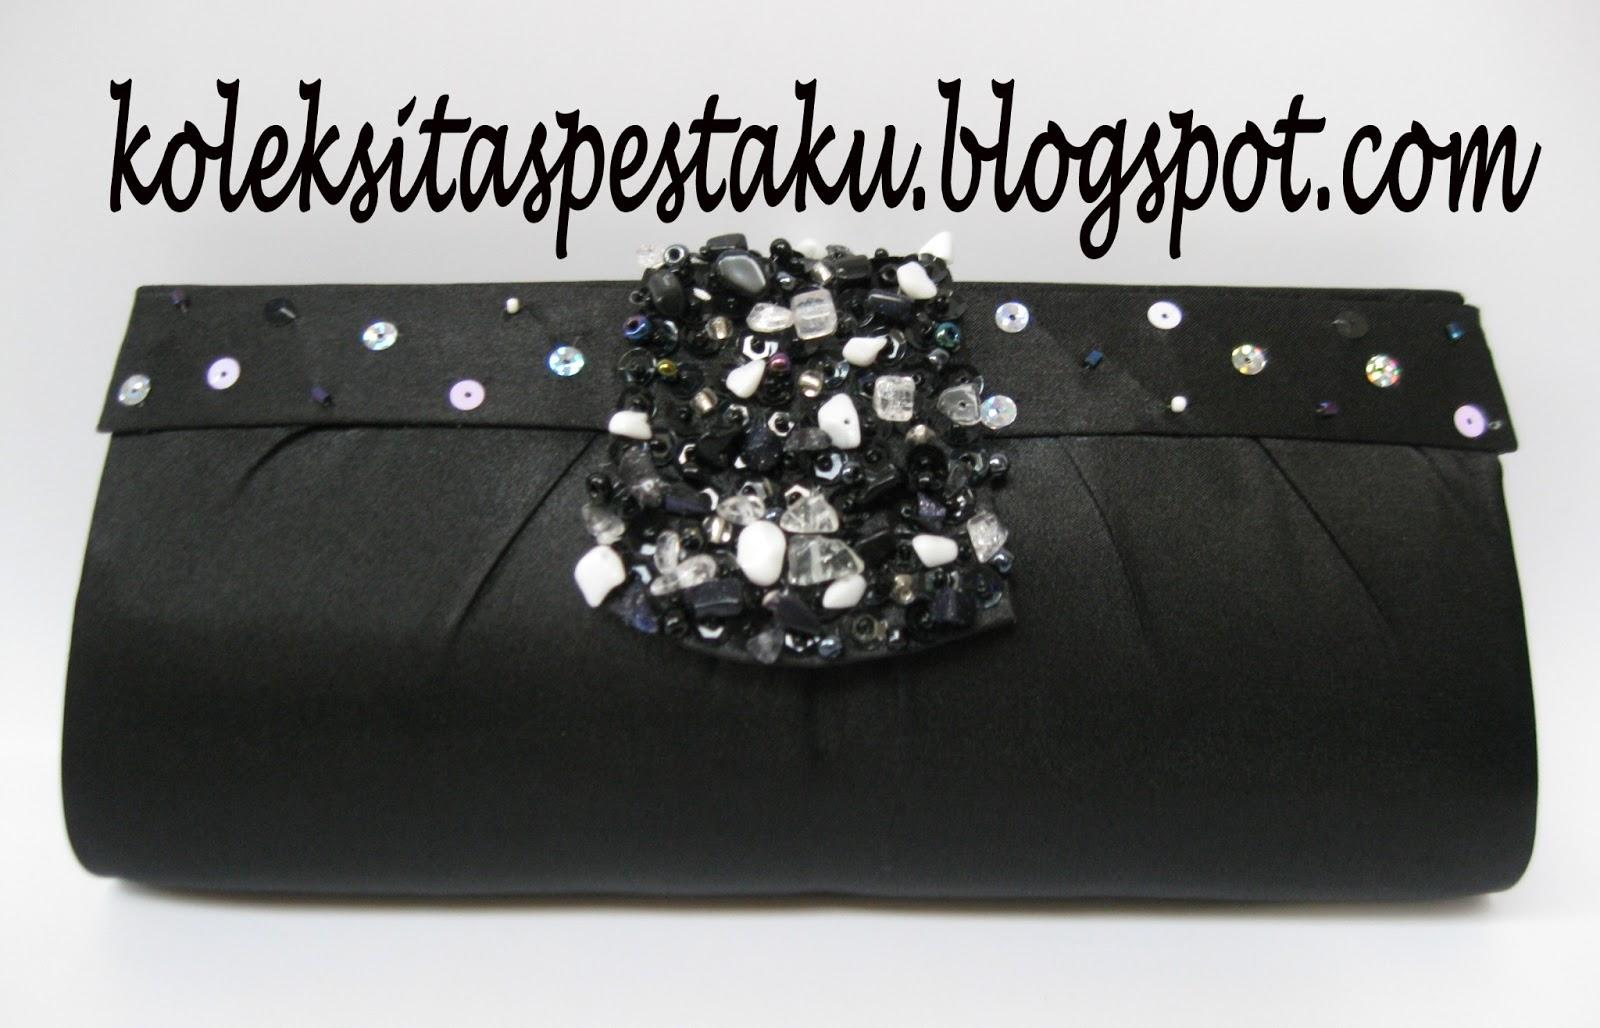 Tas Pesta Unik dan Cantik. TAS PESTA - CLUTCH BAG BAG KODE KB2 HITAM. Terbaru  Tas pesta mewah dengan warna ... a97b2995ce